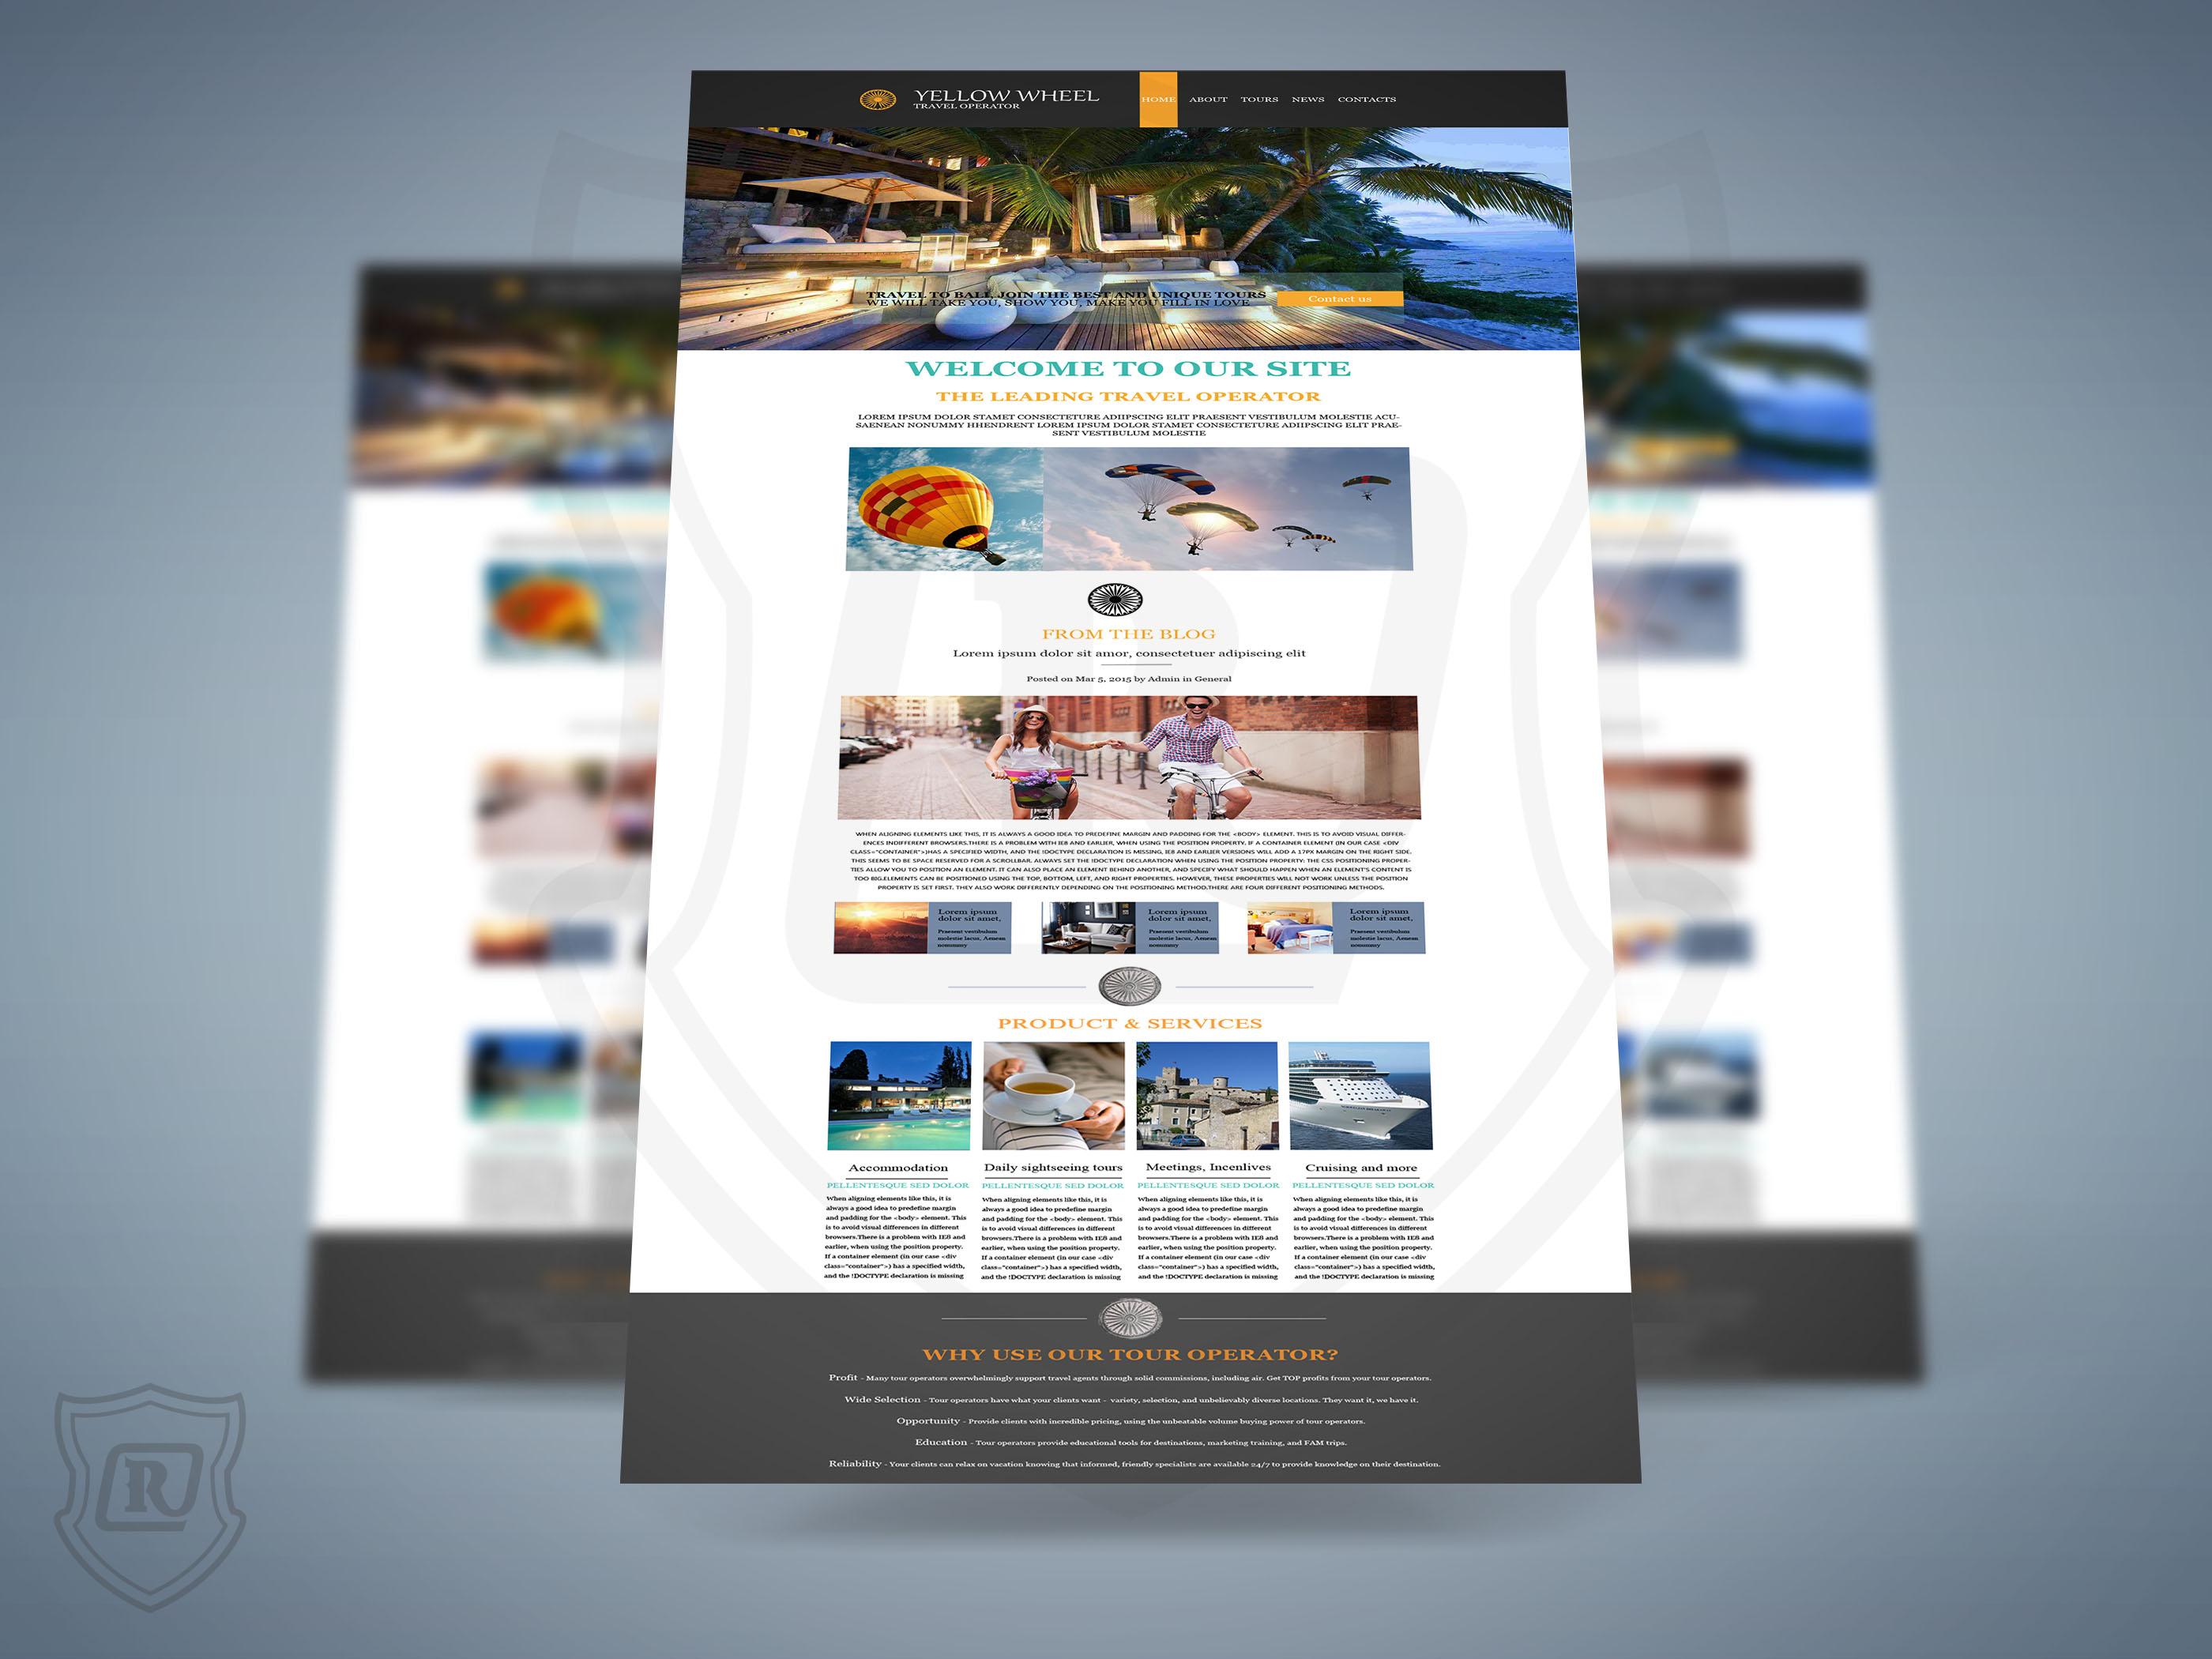 Web Design44